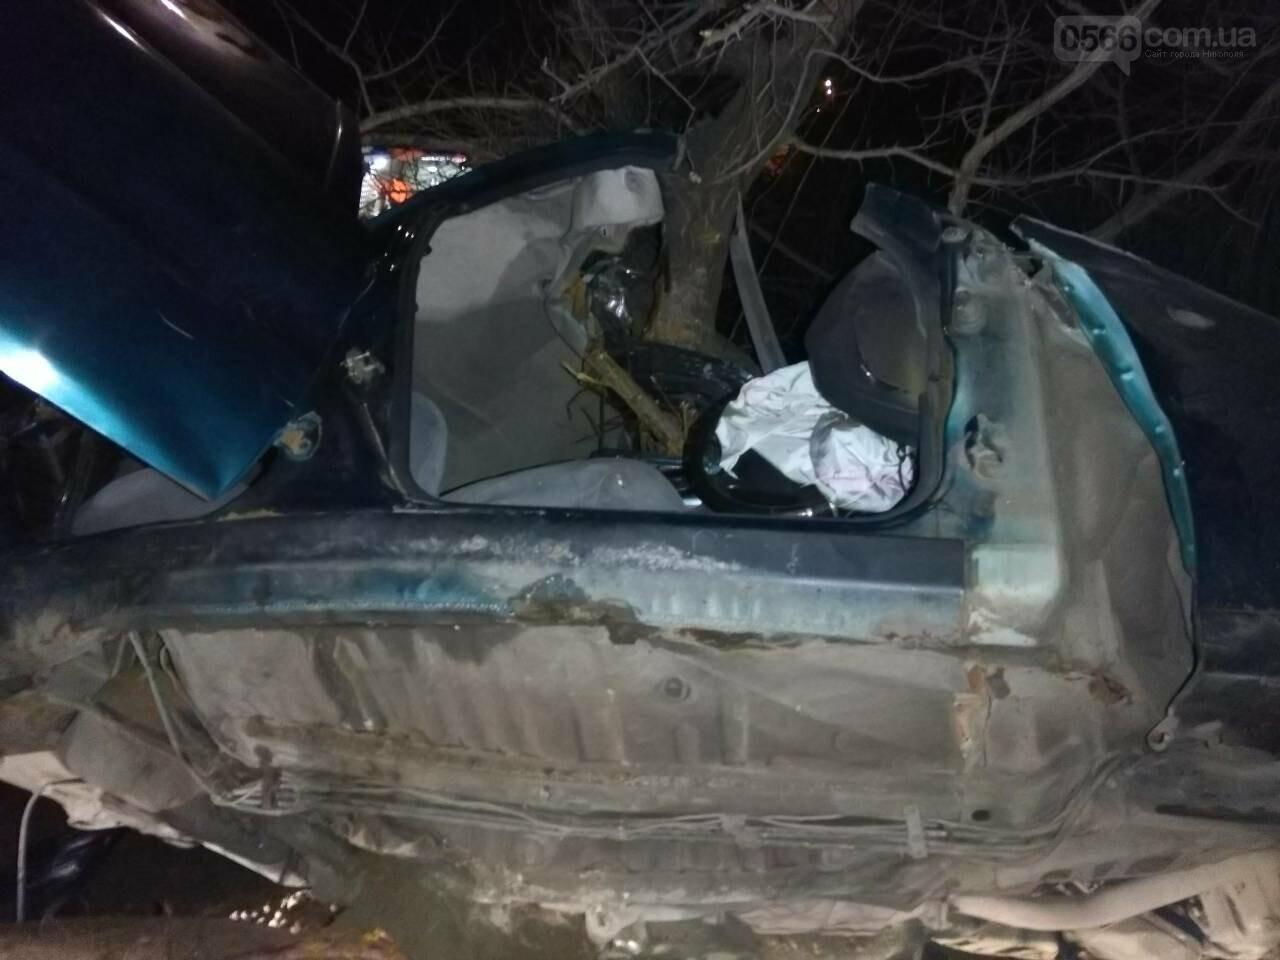 ДТП в Никополе: автомобиль врезался в дерево, есть пострадавшие, фото-3